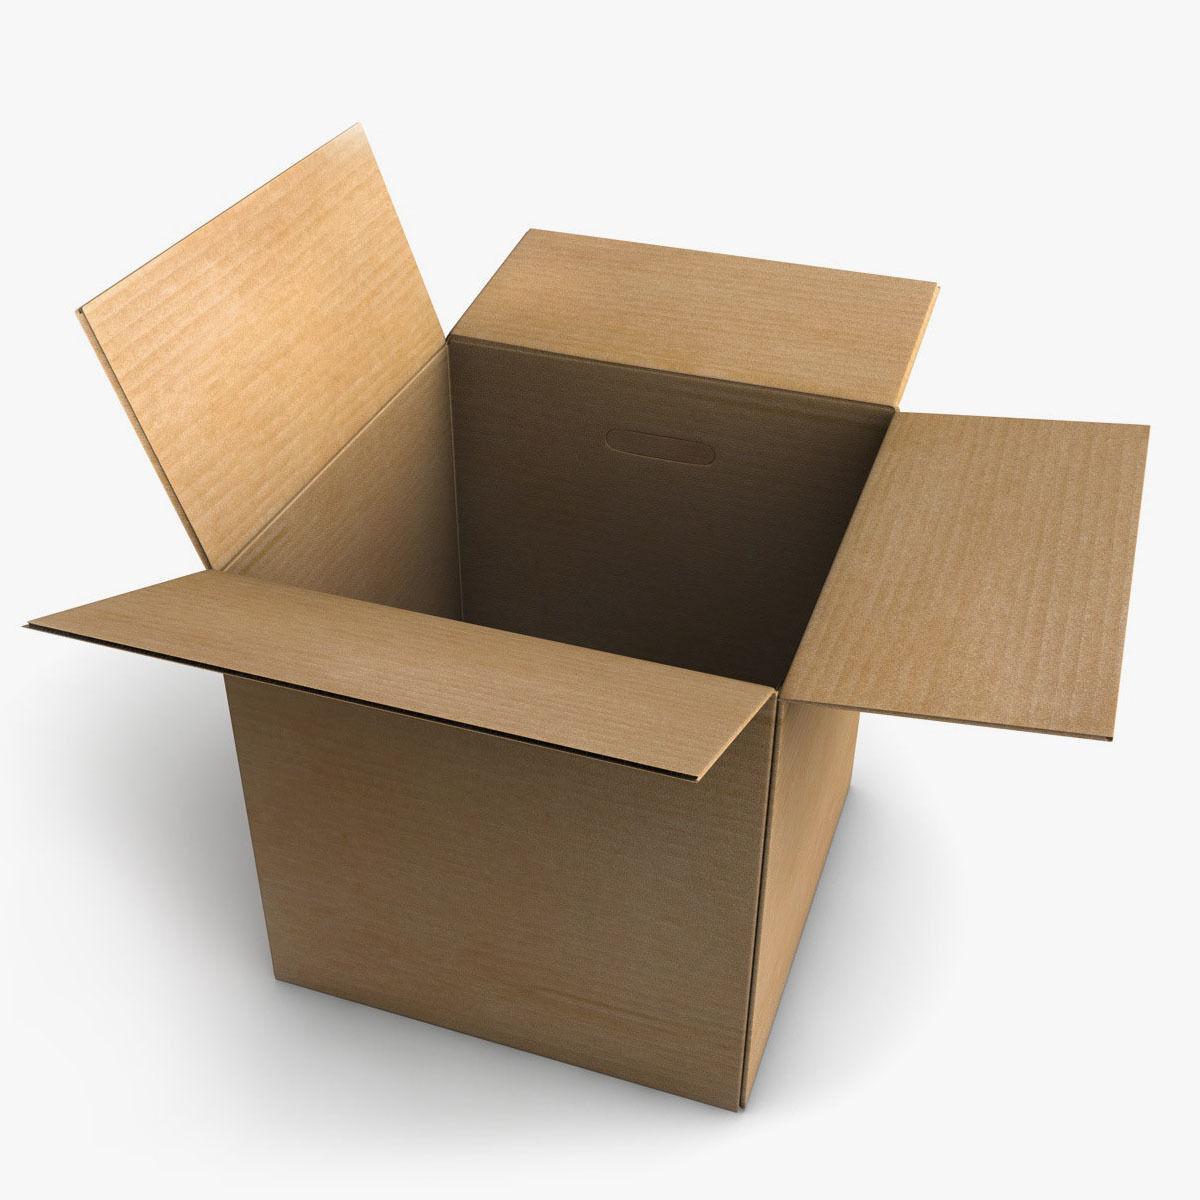 rigged cardboard box 3d model rigged obj 3ds fbx c4d mama minimalist